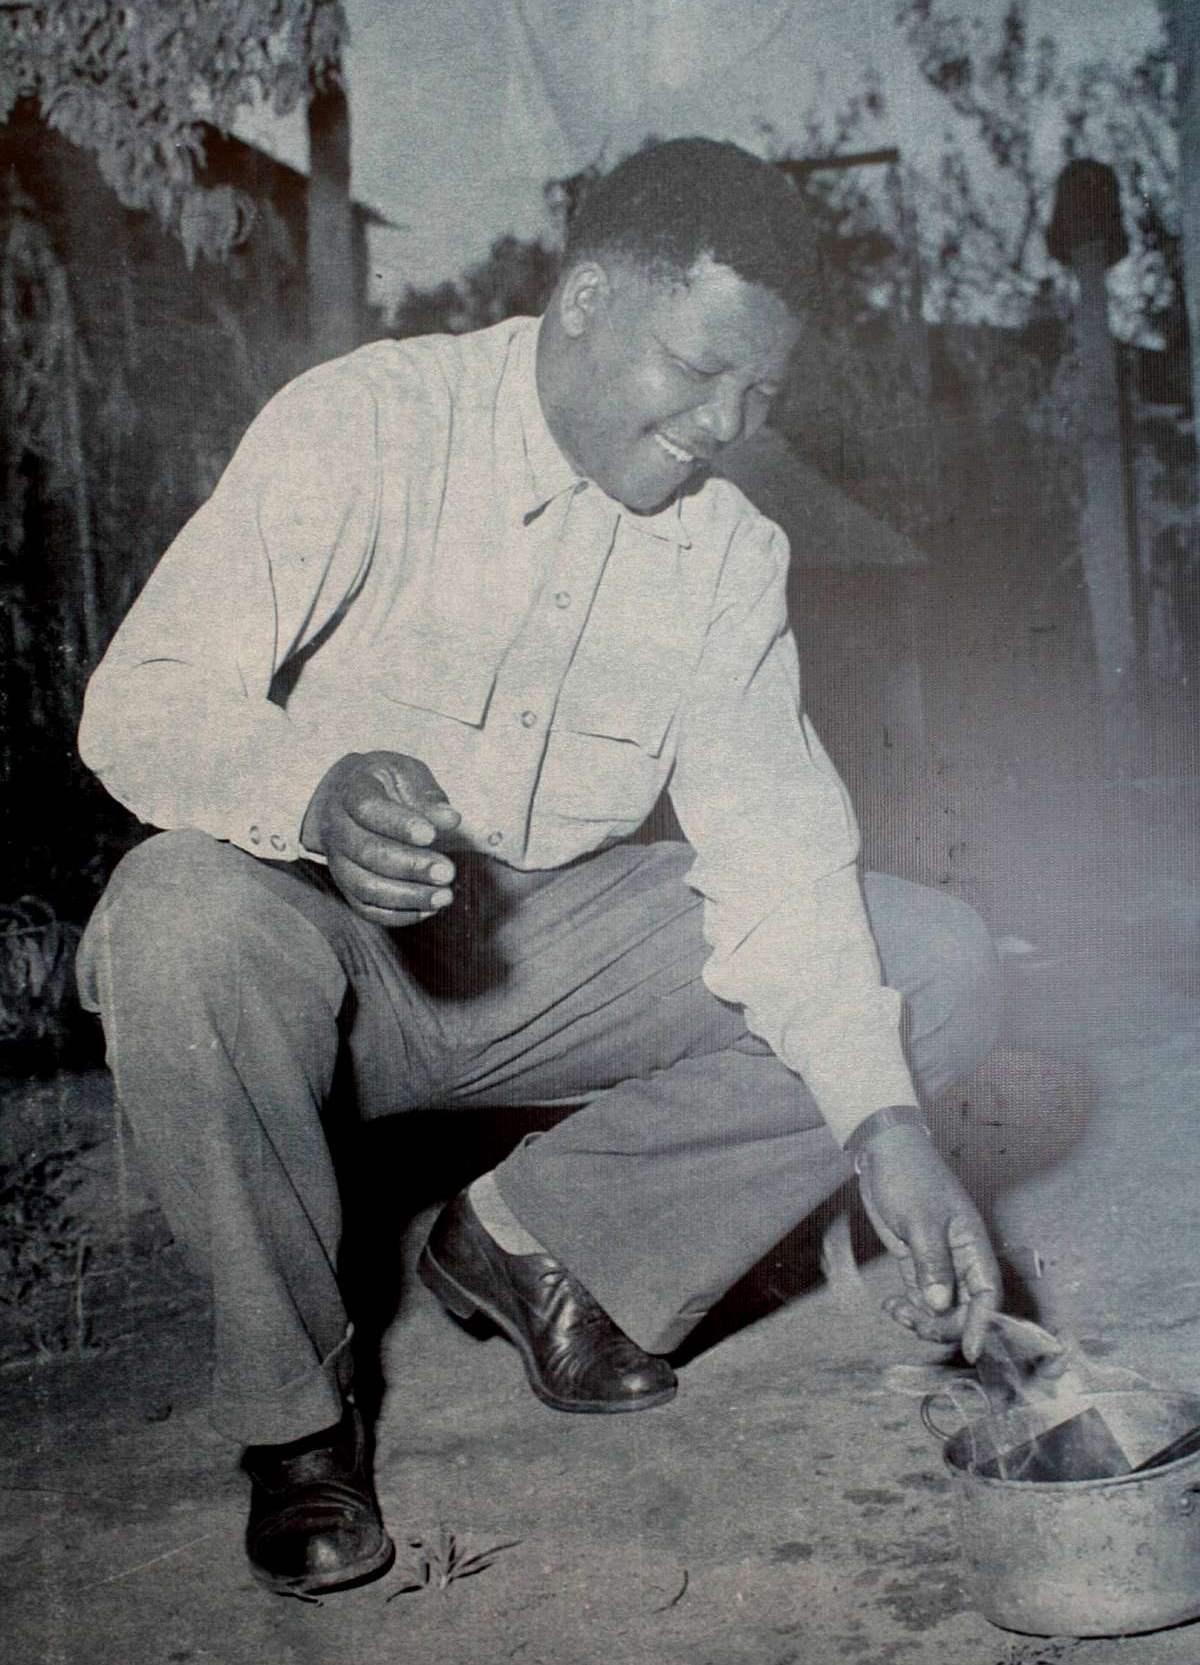 """Vor der Presse verbrennt Nelson Mandela seinen """"Stinker"""". (Quelle: unbekannt/Wikimedia Commons)"""